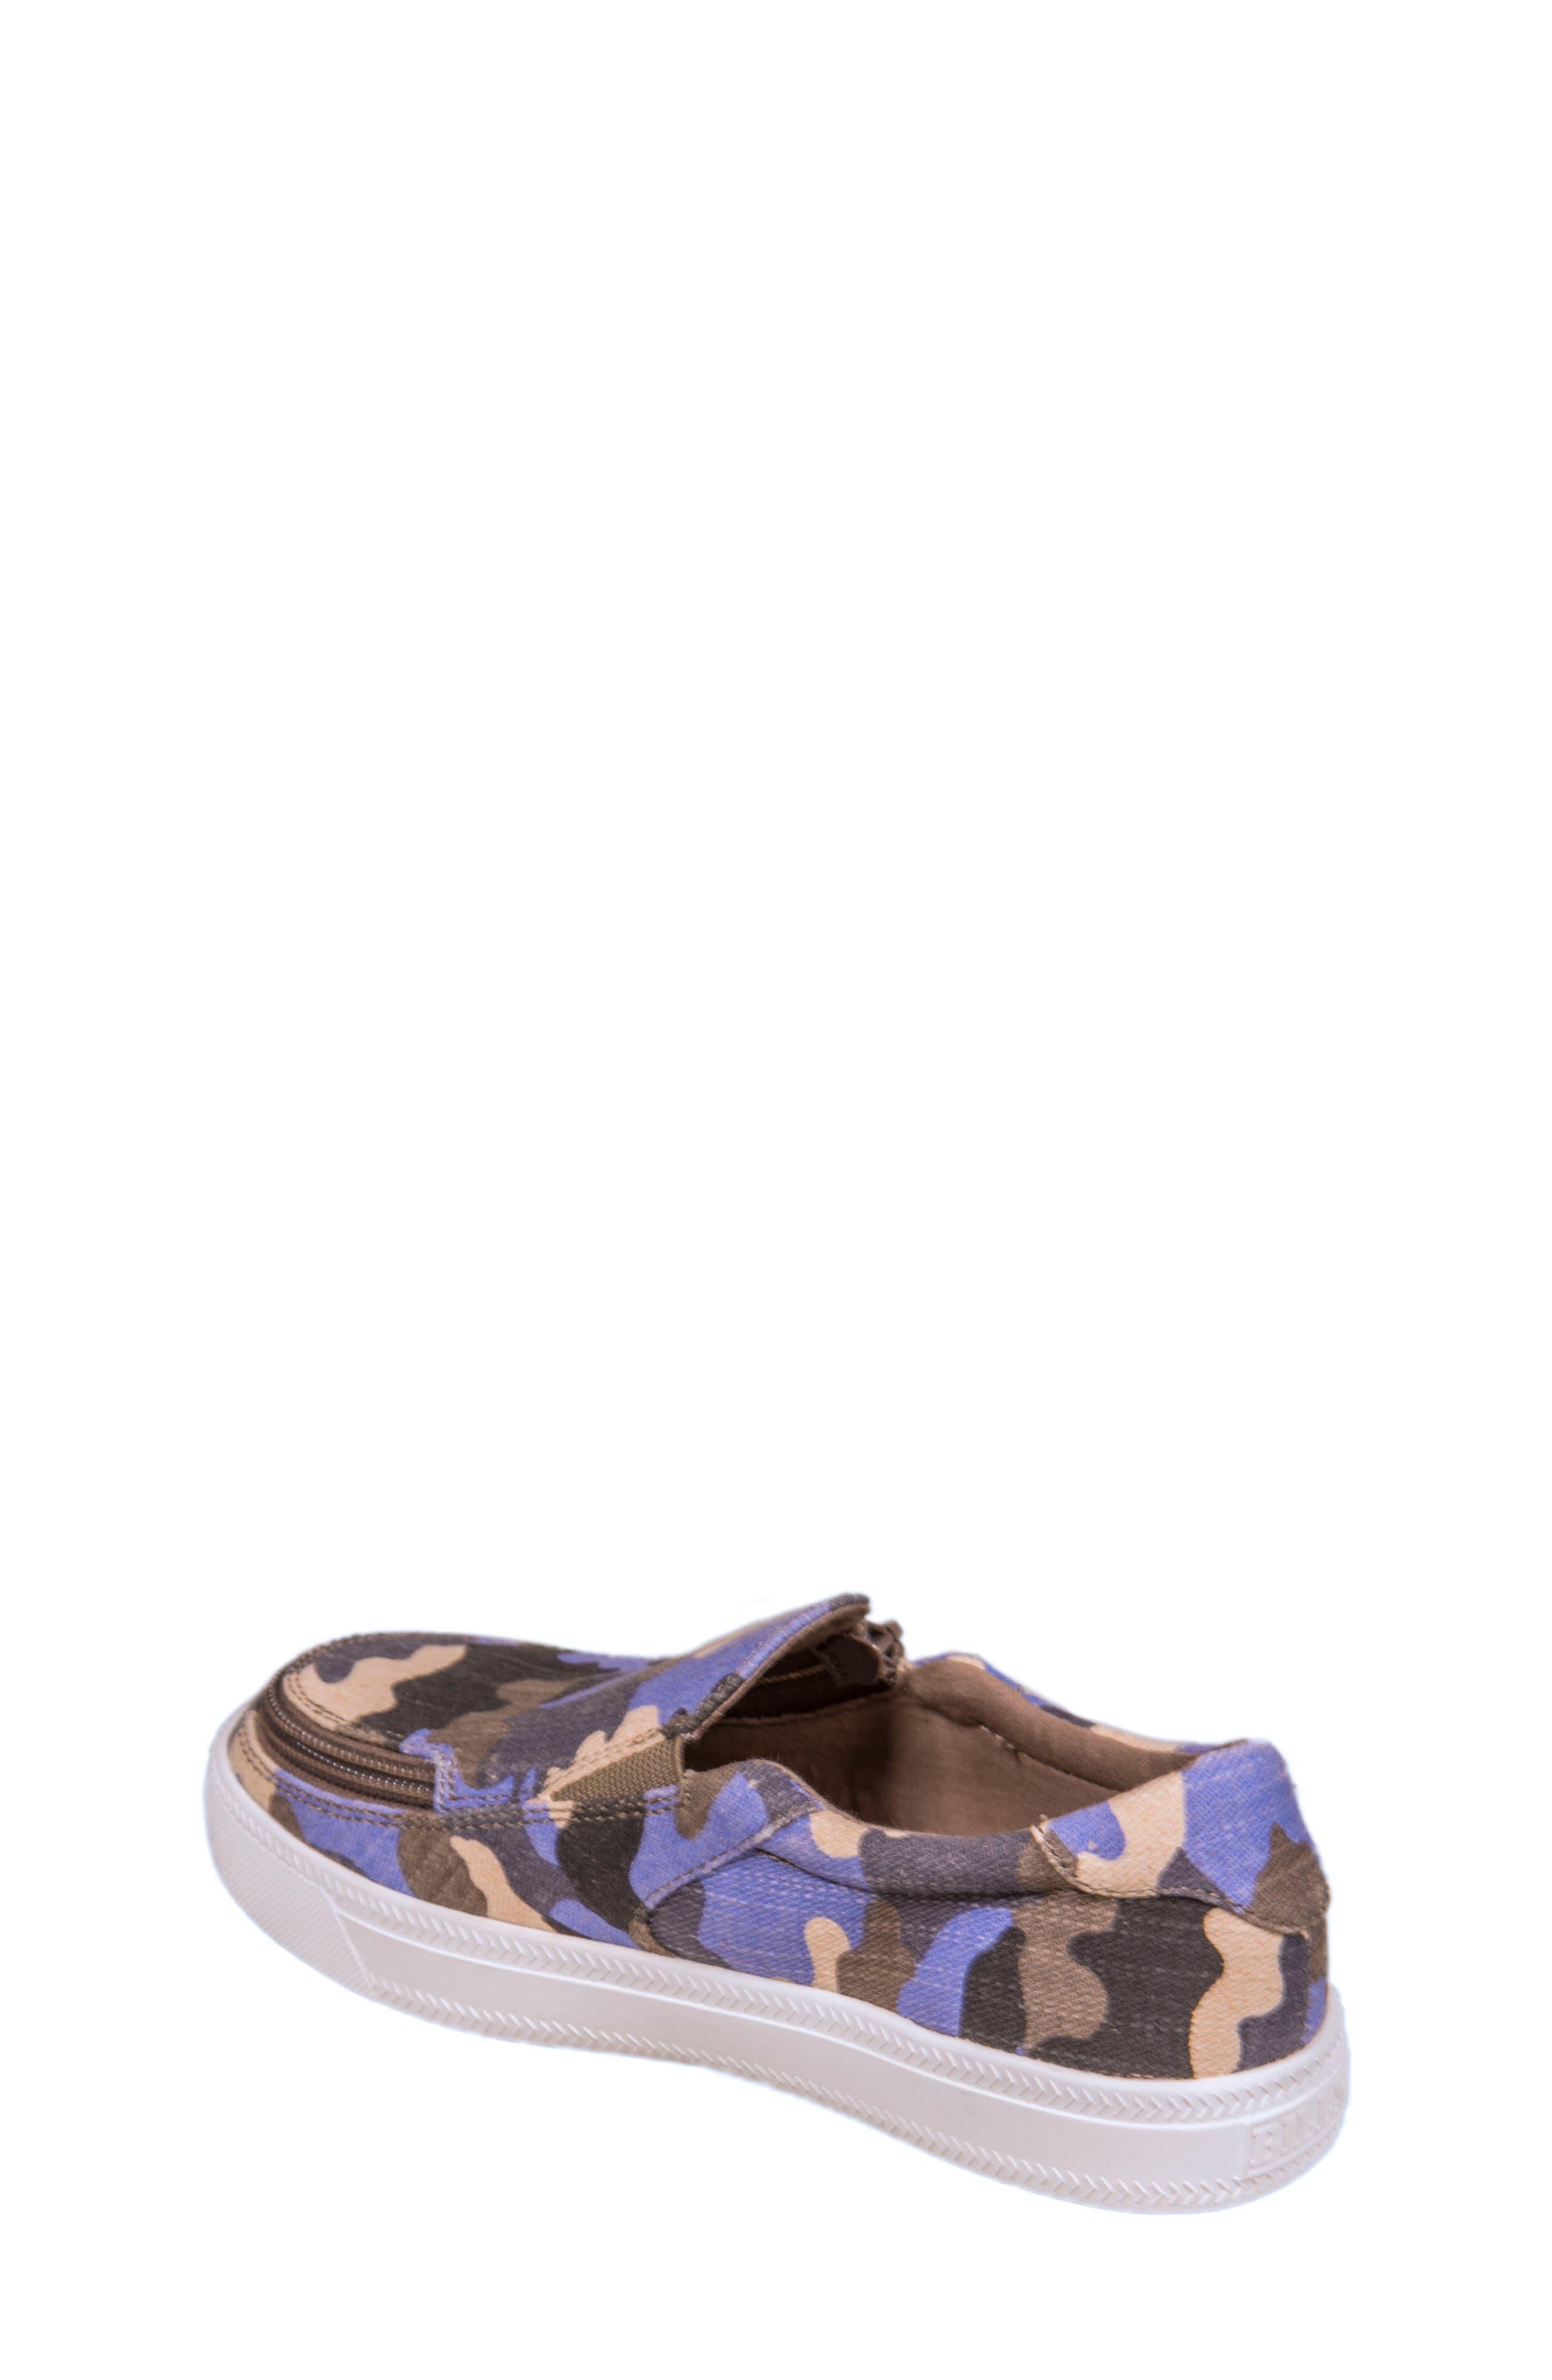 Alternate Image 2  - BILLY Footwear Zip Around Low Top Sneaker (Toddler, Little Kid & Big Kid)